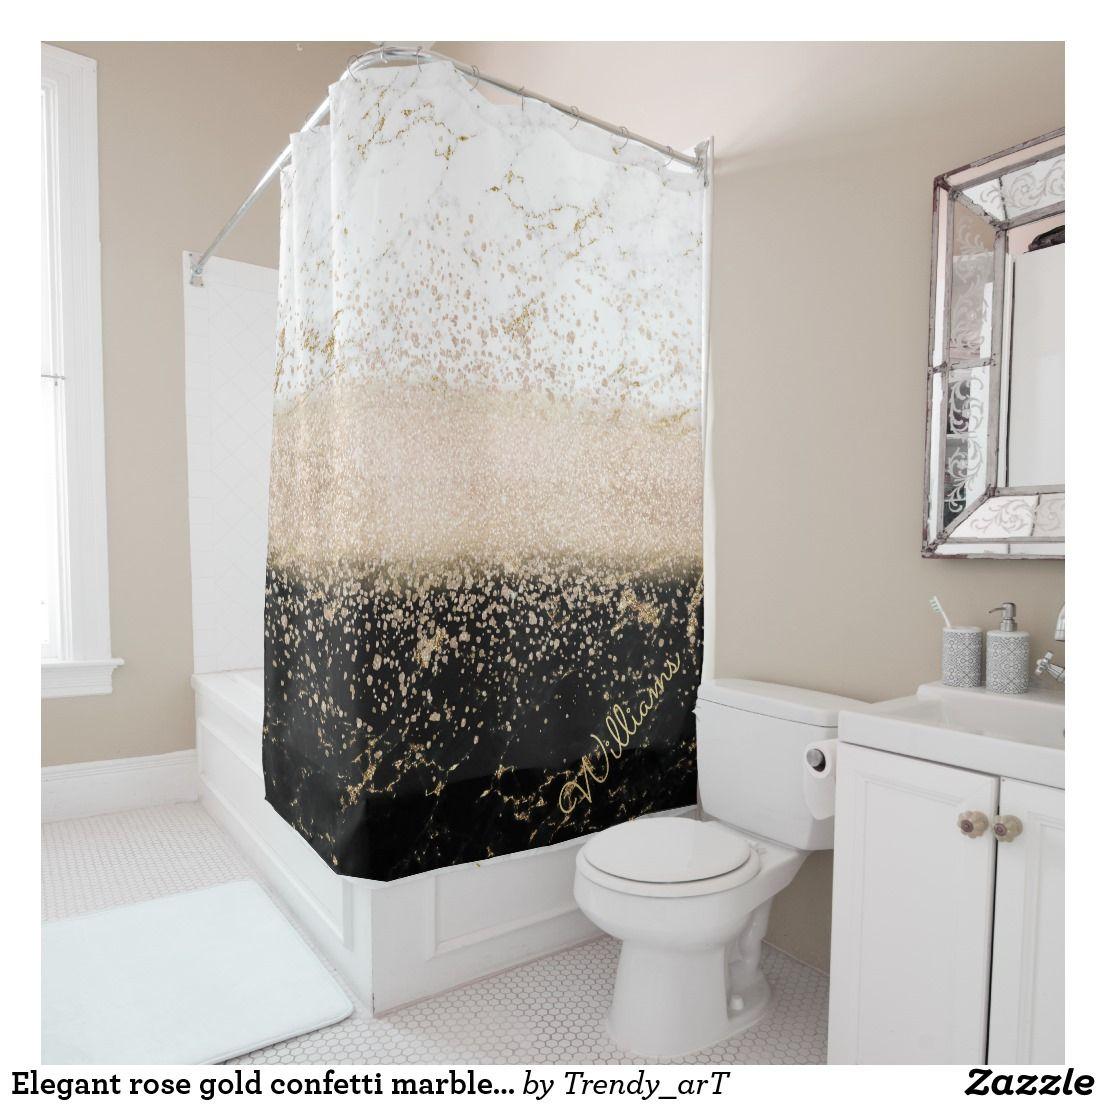 Elegant Bathroom Rose: Elegant Rose Gold Confetti Marble Design Shower Curtain